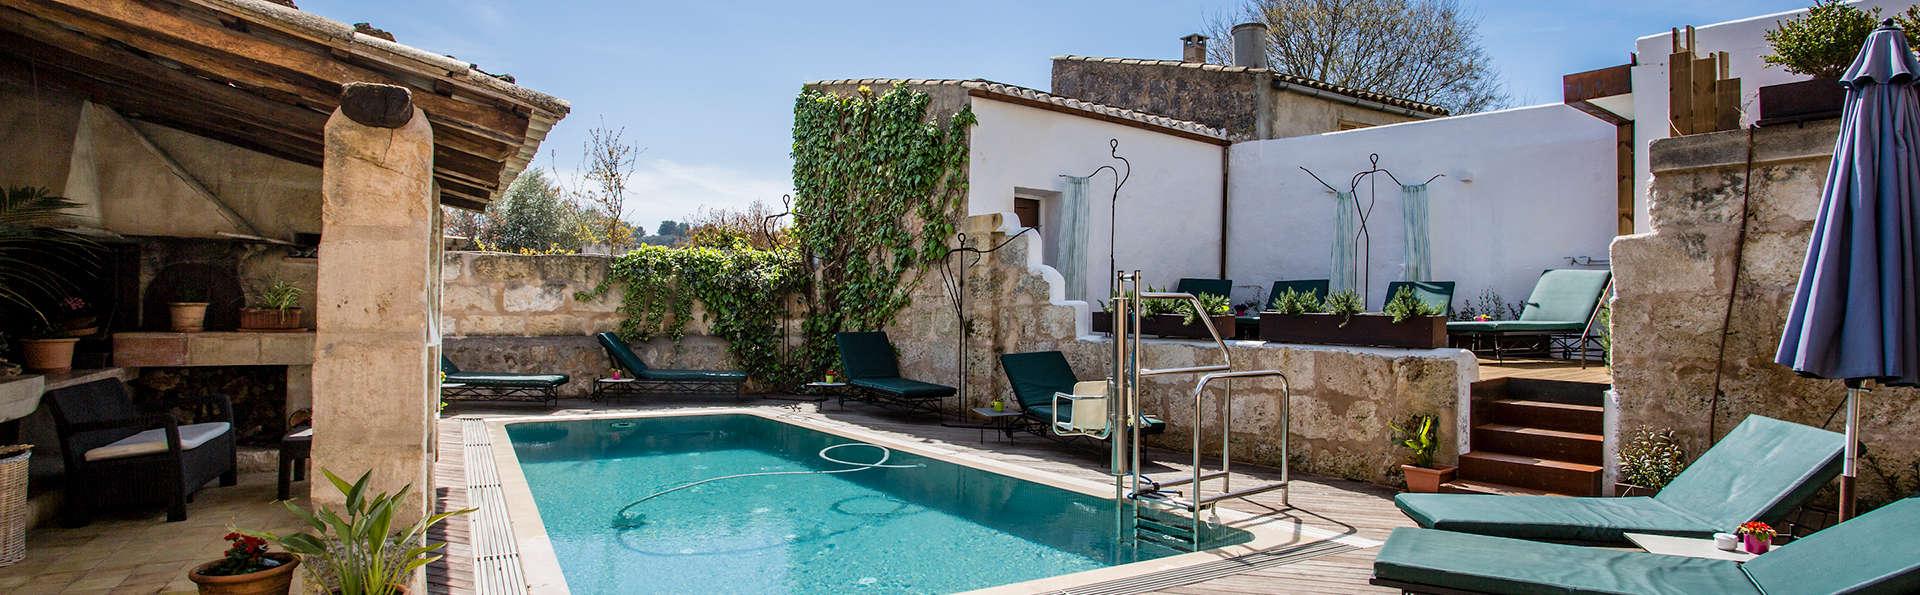 Magnifique maison rurale à Sineu, au cœur de Majorque